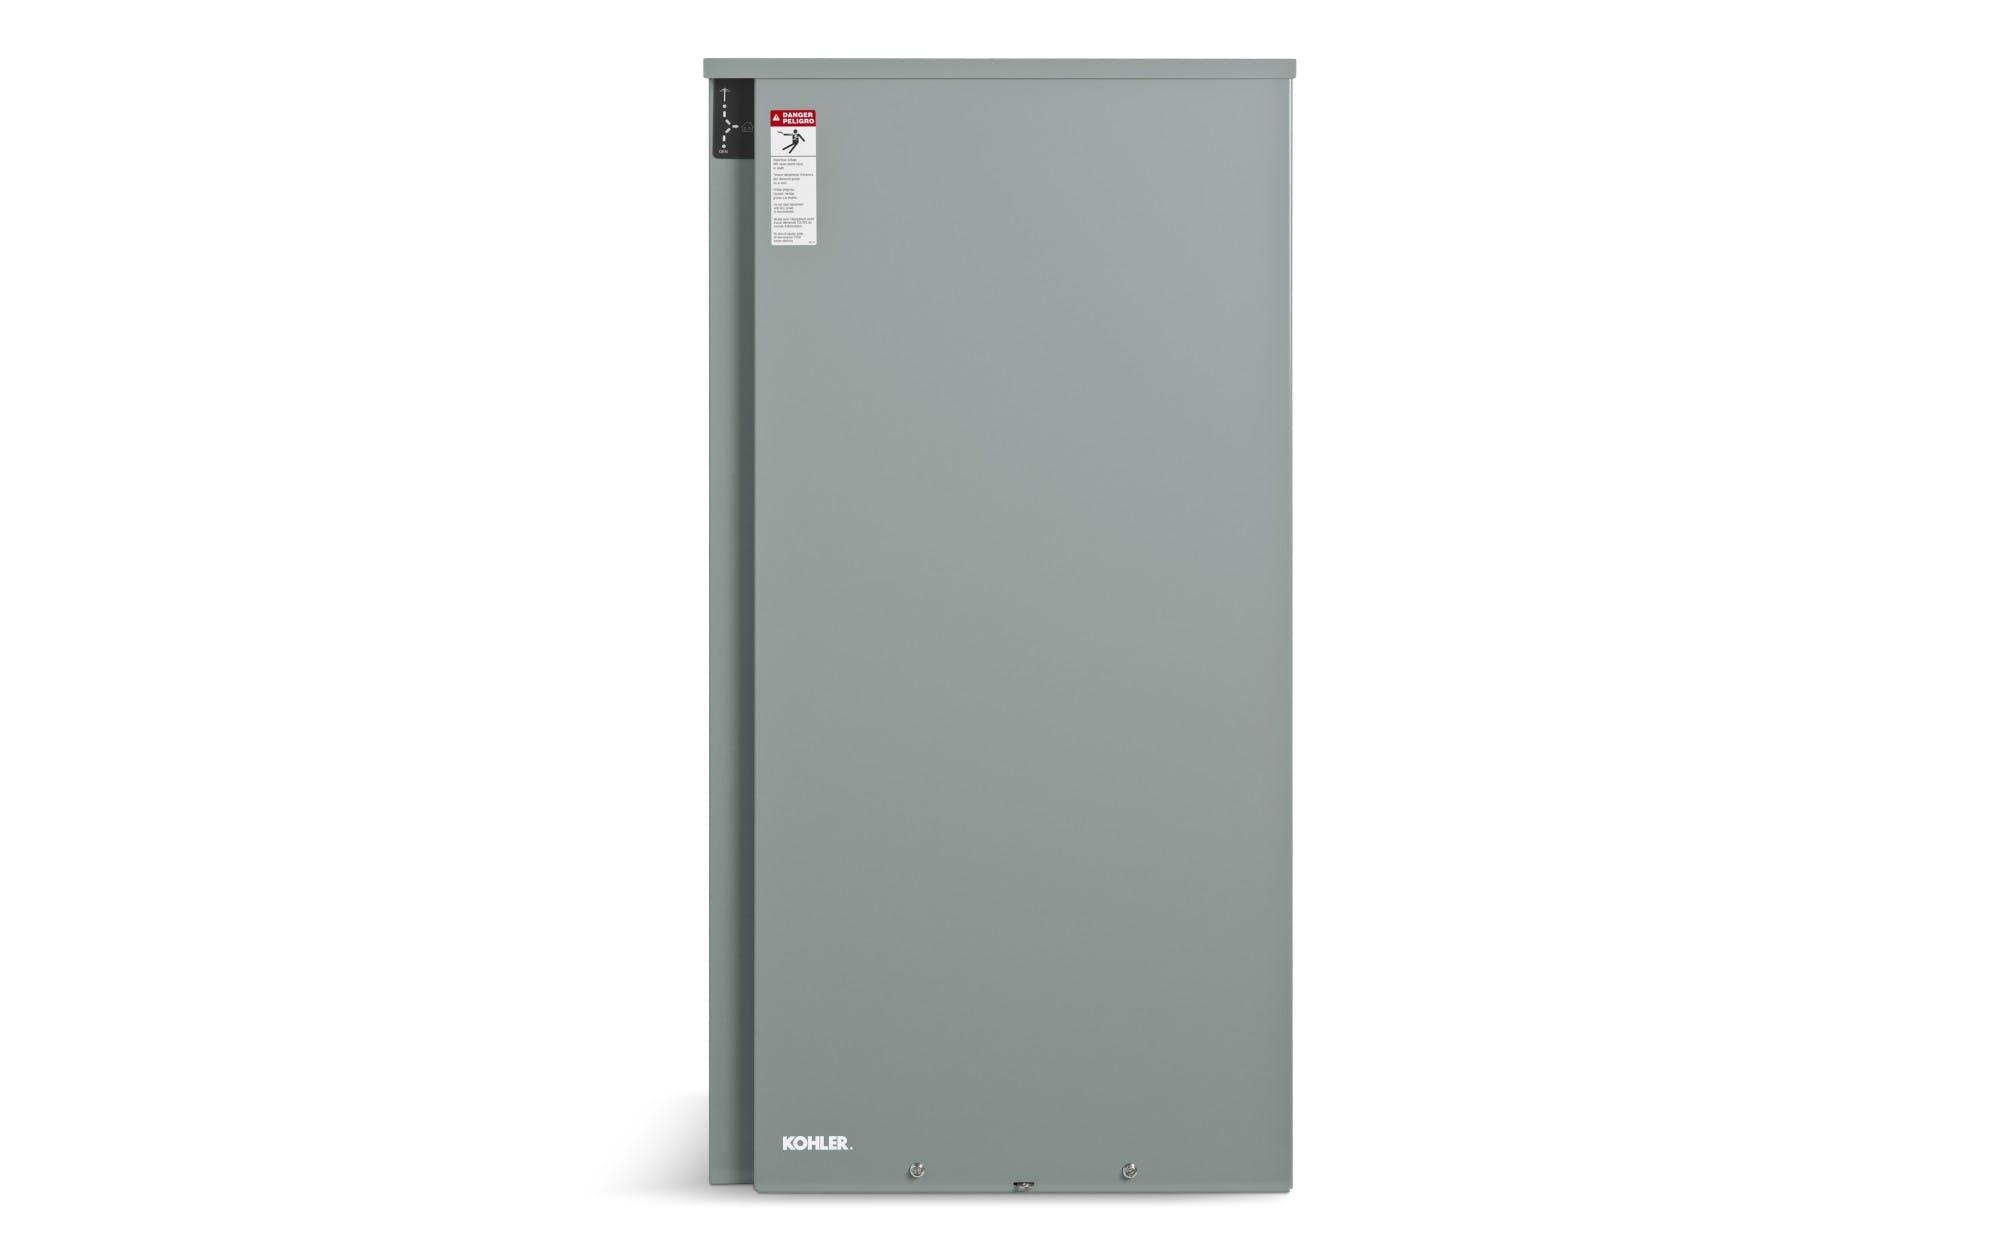 RXT ATS - 400-amp, Three Phase/3 Pole, 208V, CSA